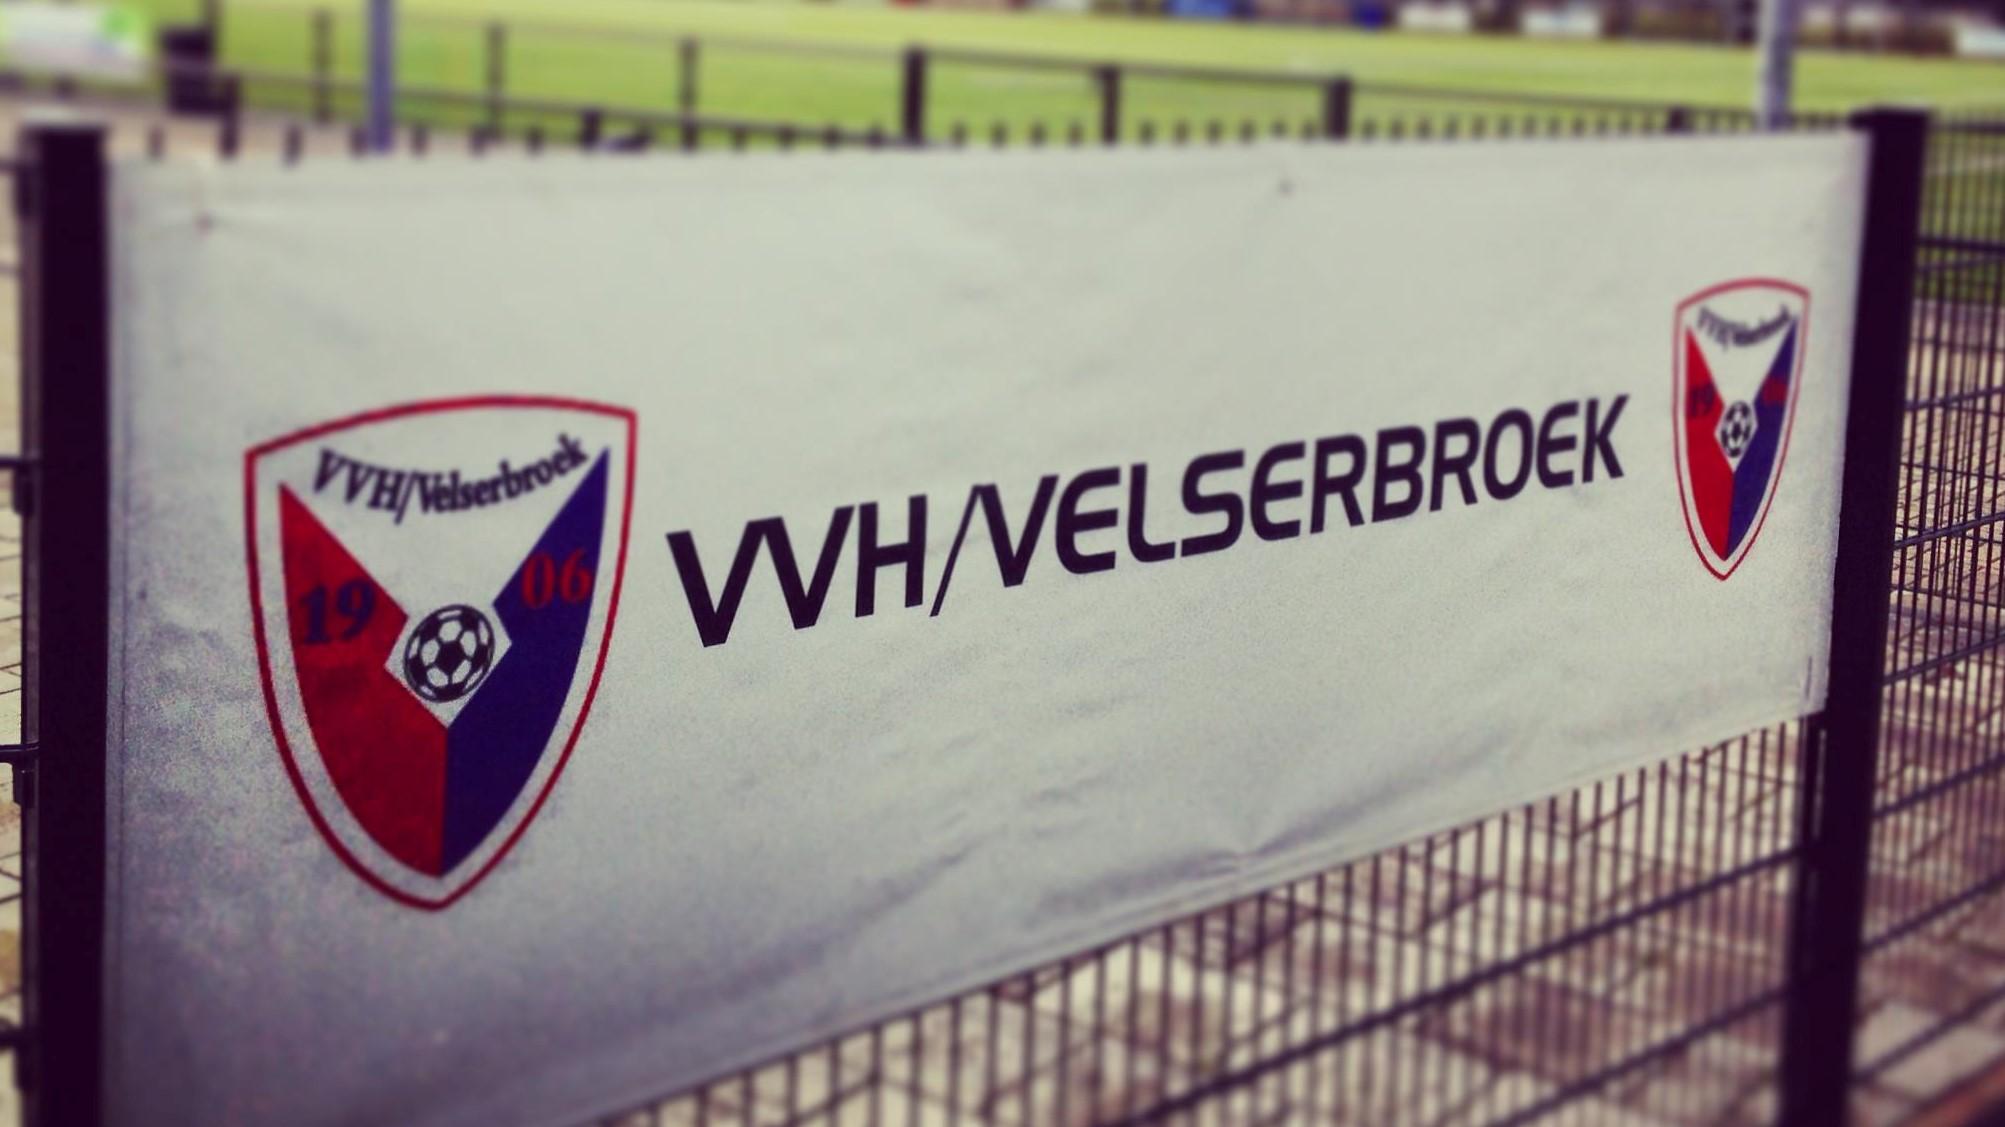 VVH Velserbroek - Voetbal in Haarlem